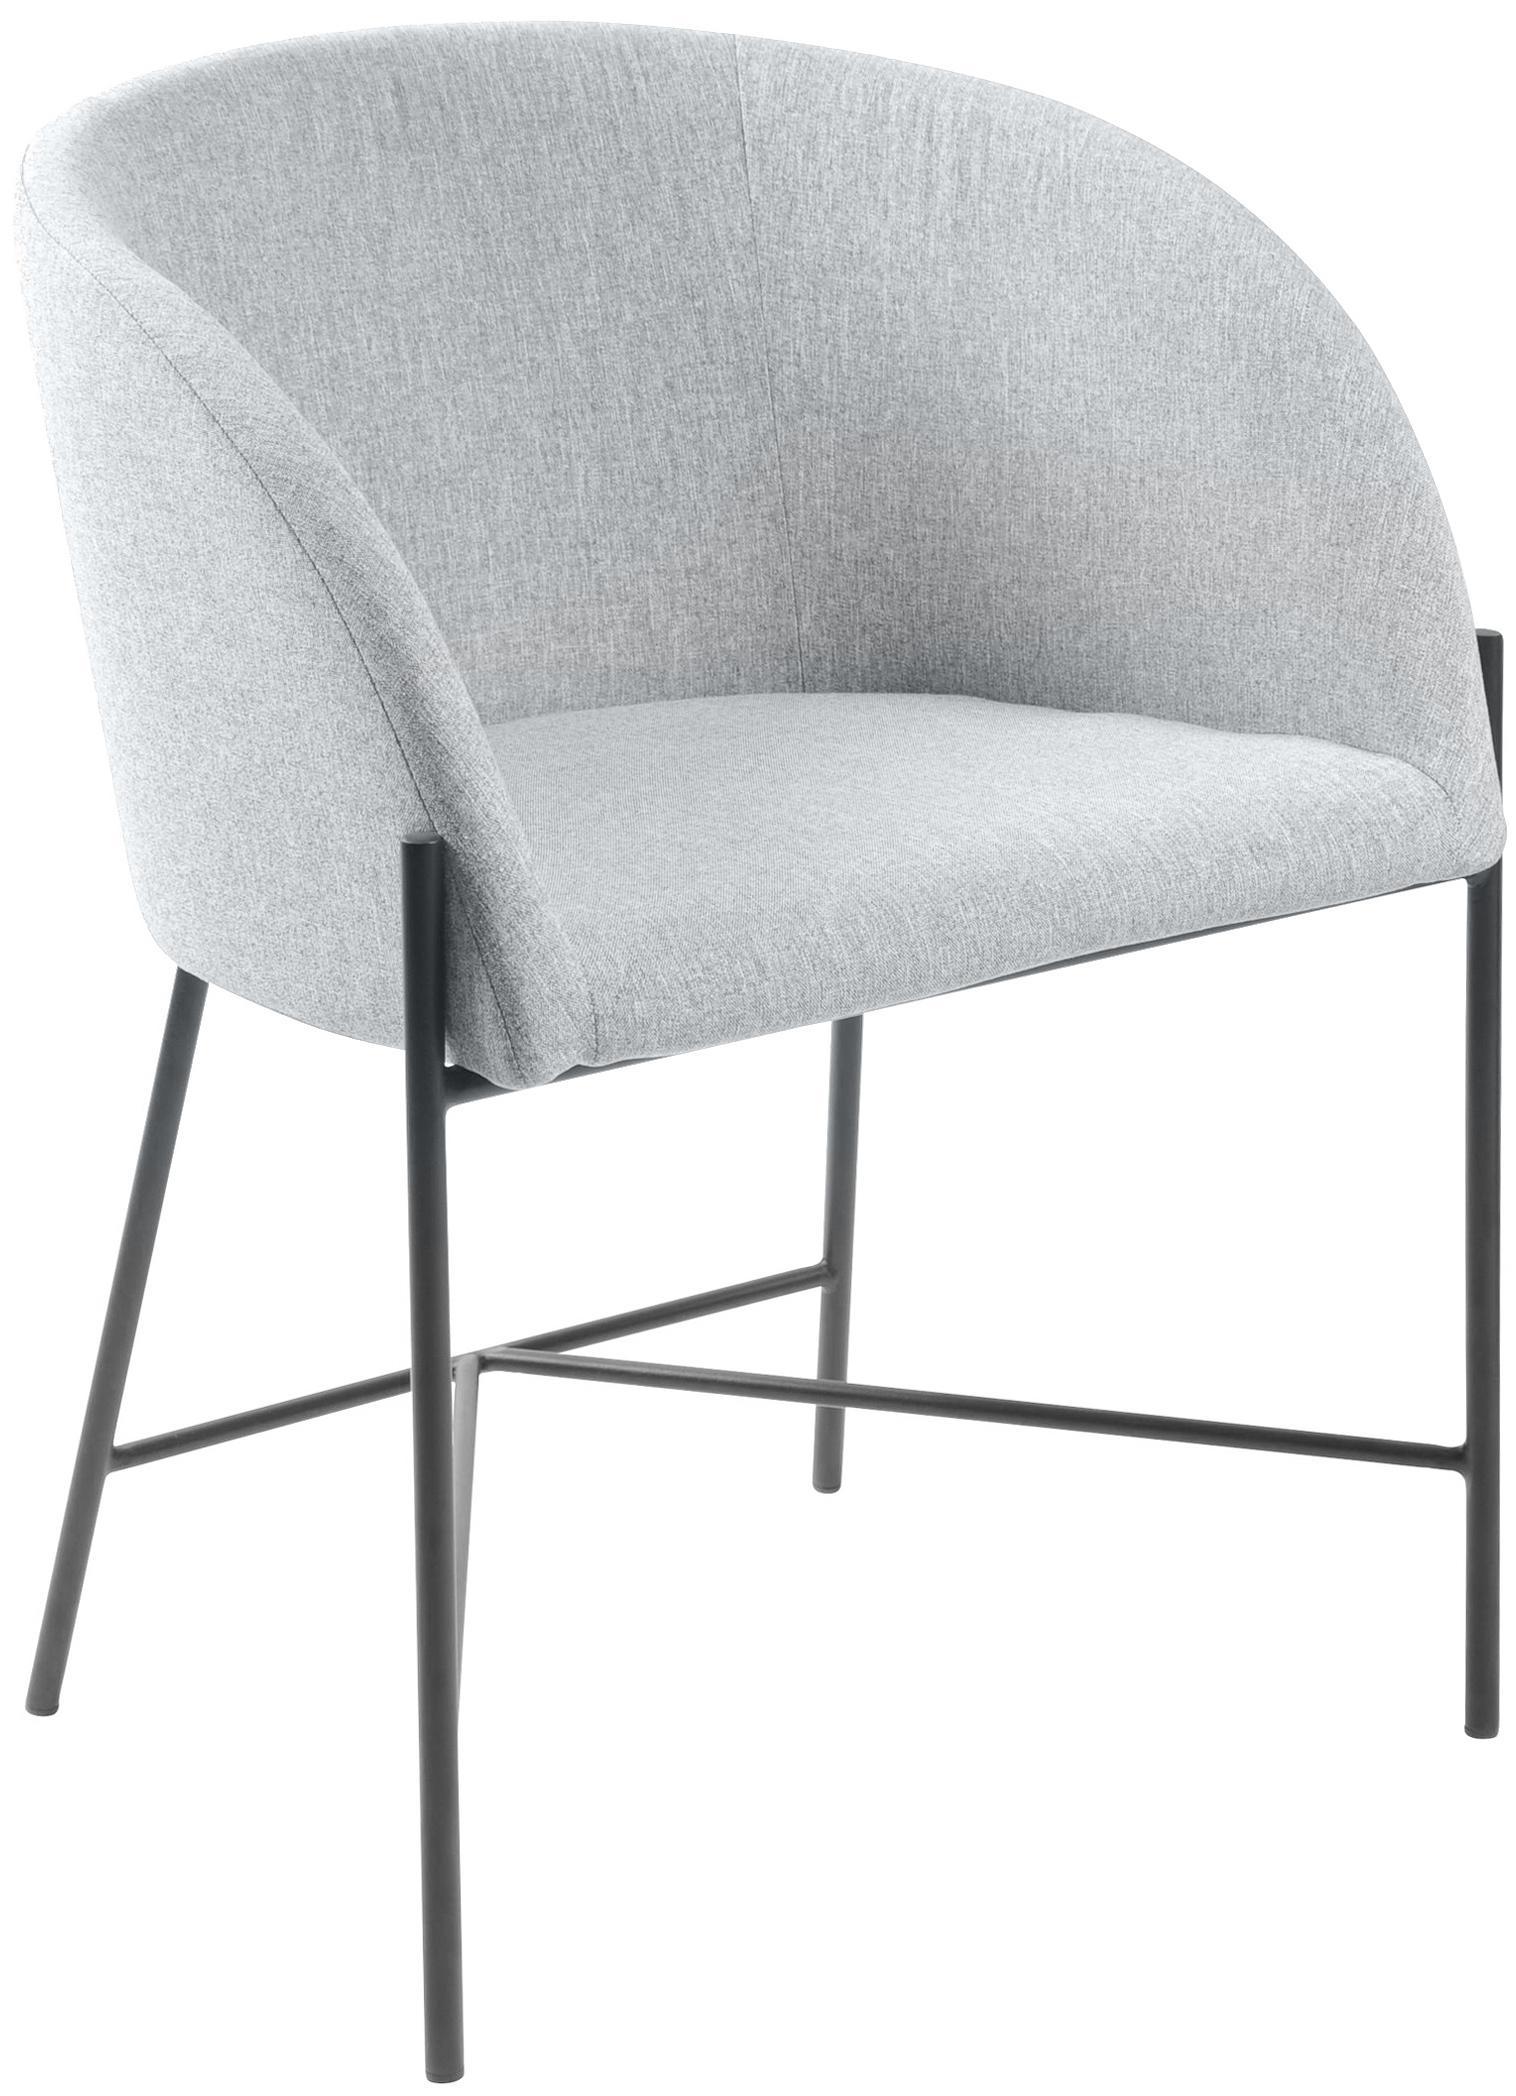 Krzesło z podłokietnikami Nelson, Tapicerka: poliester 25000 cykli w , Nogi: metal lakierowany, Jasny szary, nogi: czarny, S 56 x G 54 cm